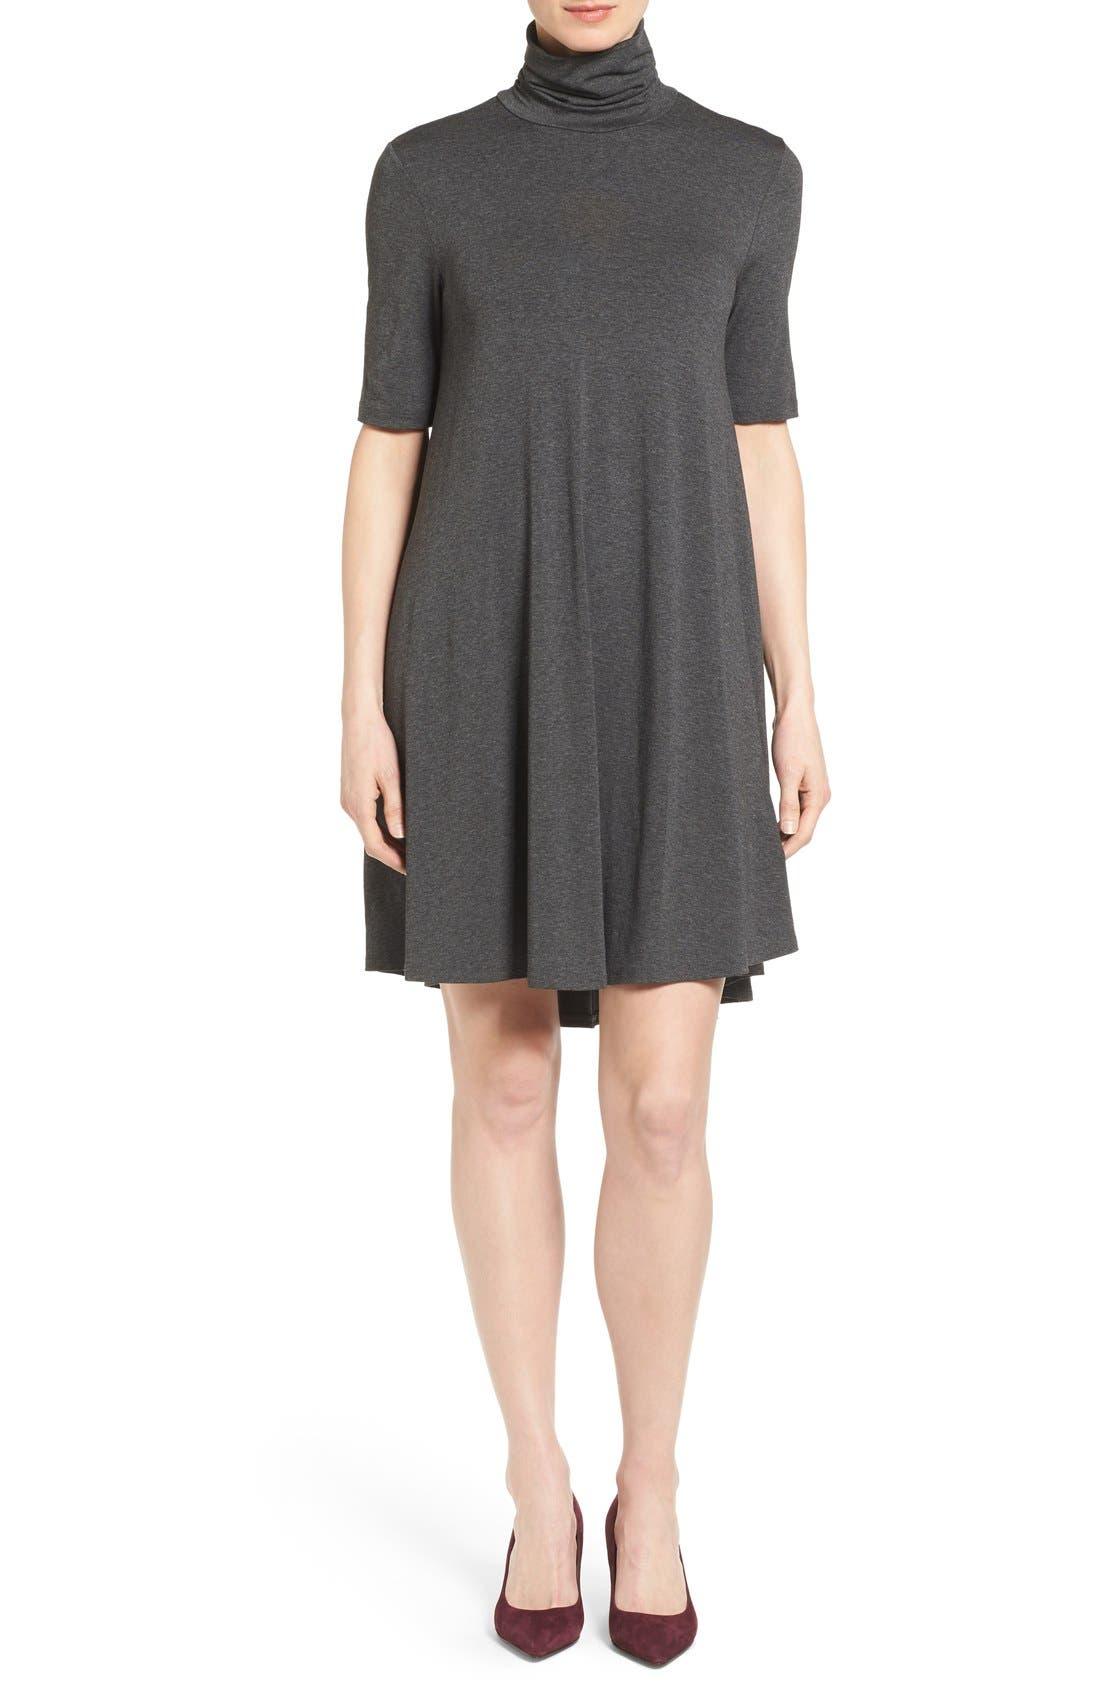 Alternate Image 1 Selected - Karen Kane 'Maggie' Turtleneck Trapeze Dress